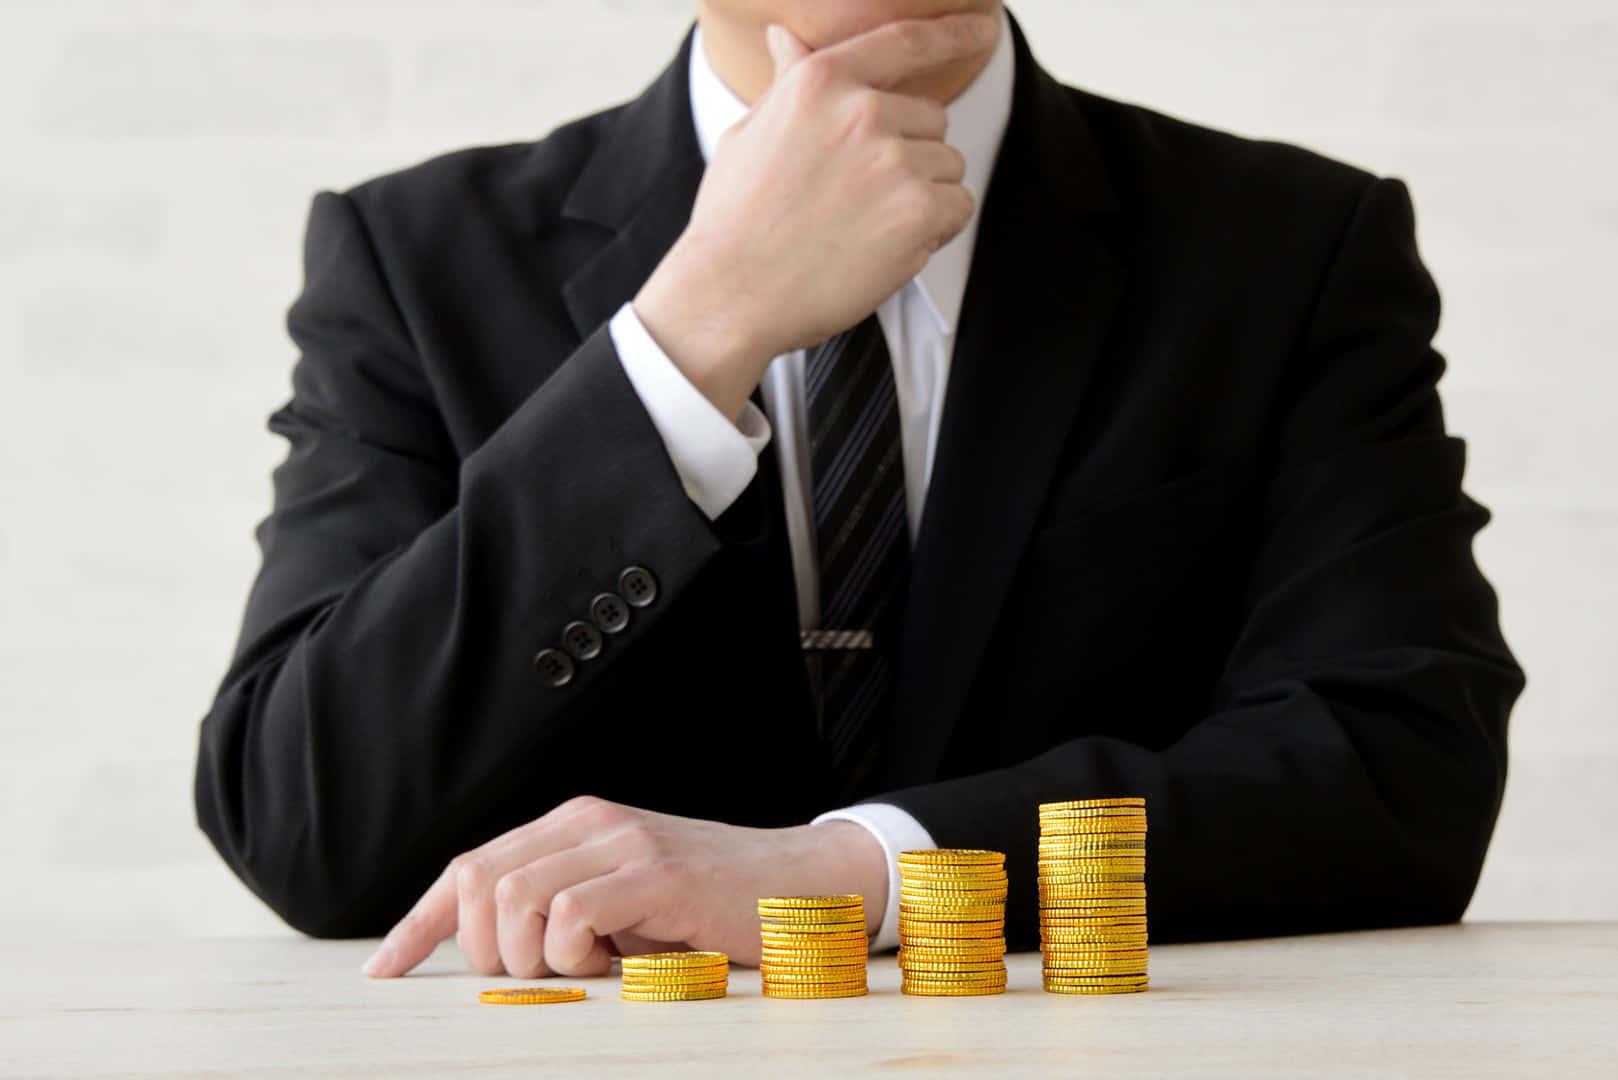 【高金利が魅力】社内預金制度とは?利率の高さ以外のデメリットを徹底解説。